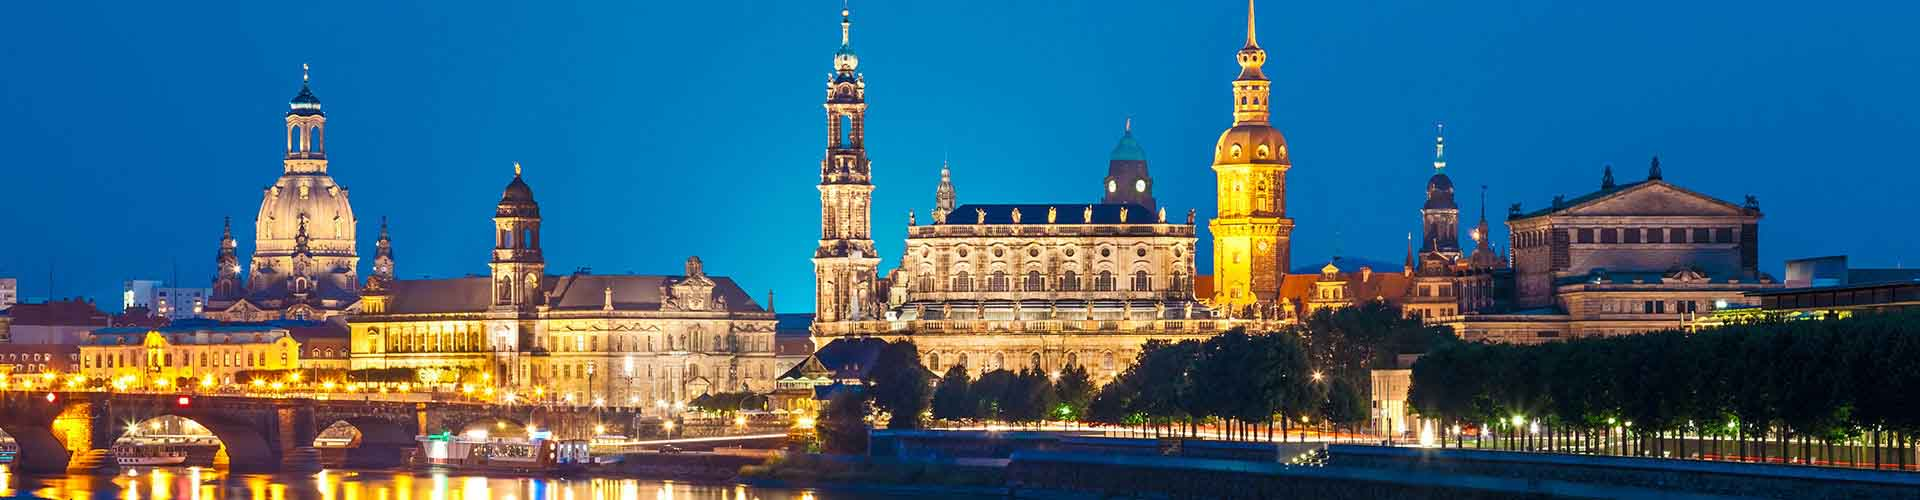 Dresde - Apartamentos en el distrito Cotta. Mapas de Dresde, Fotos y comentarios de cada Apartamento en Dresde.